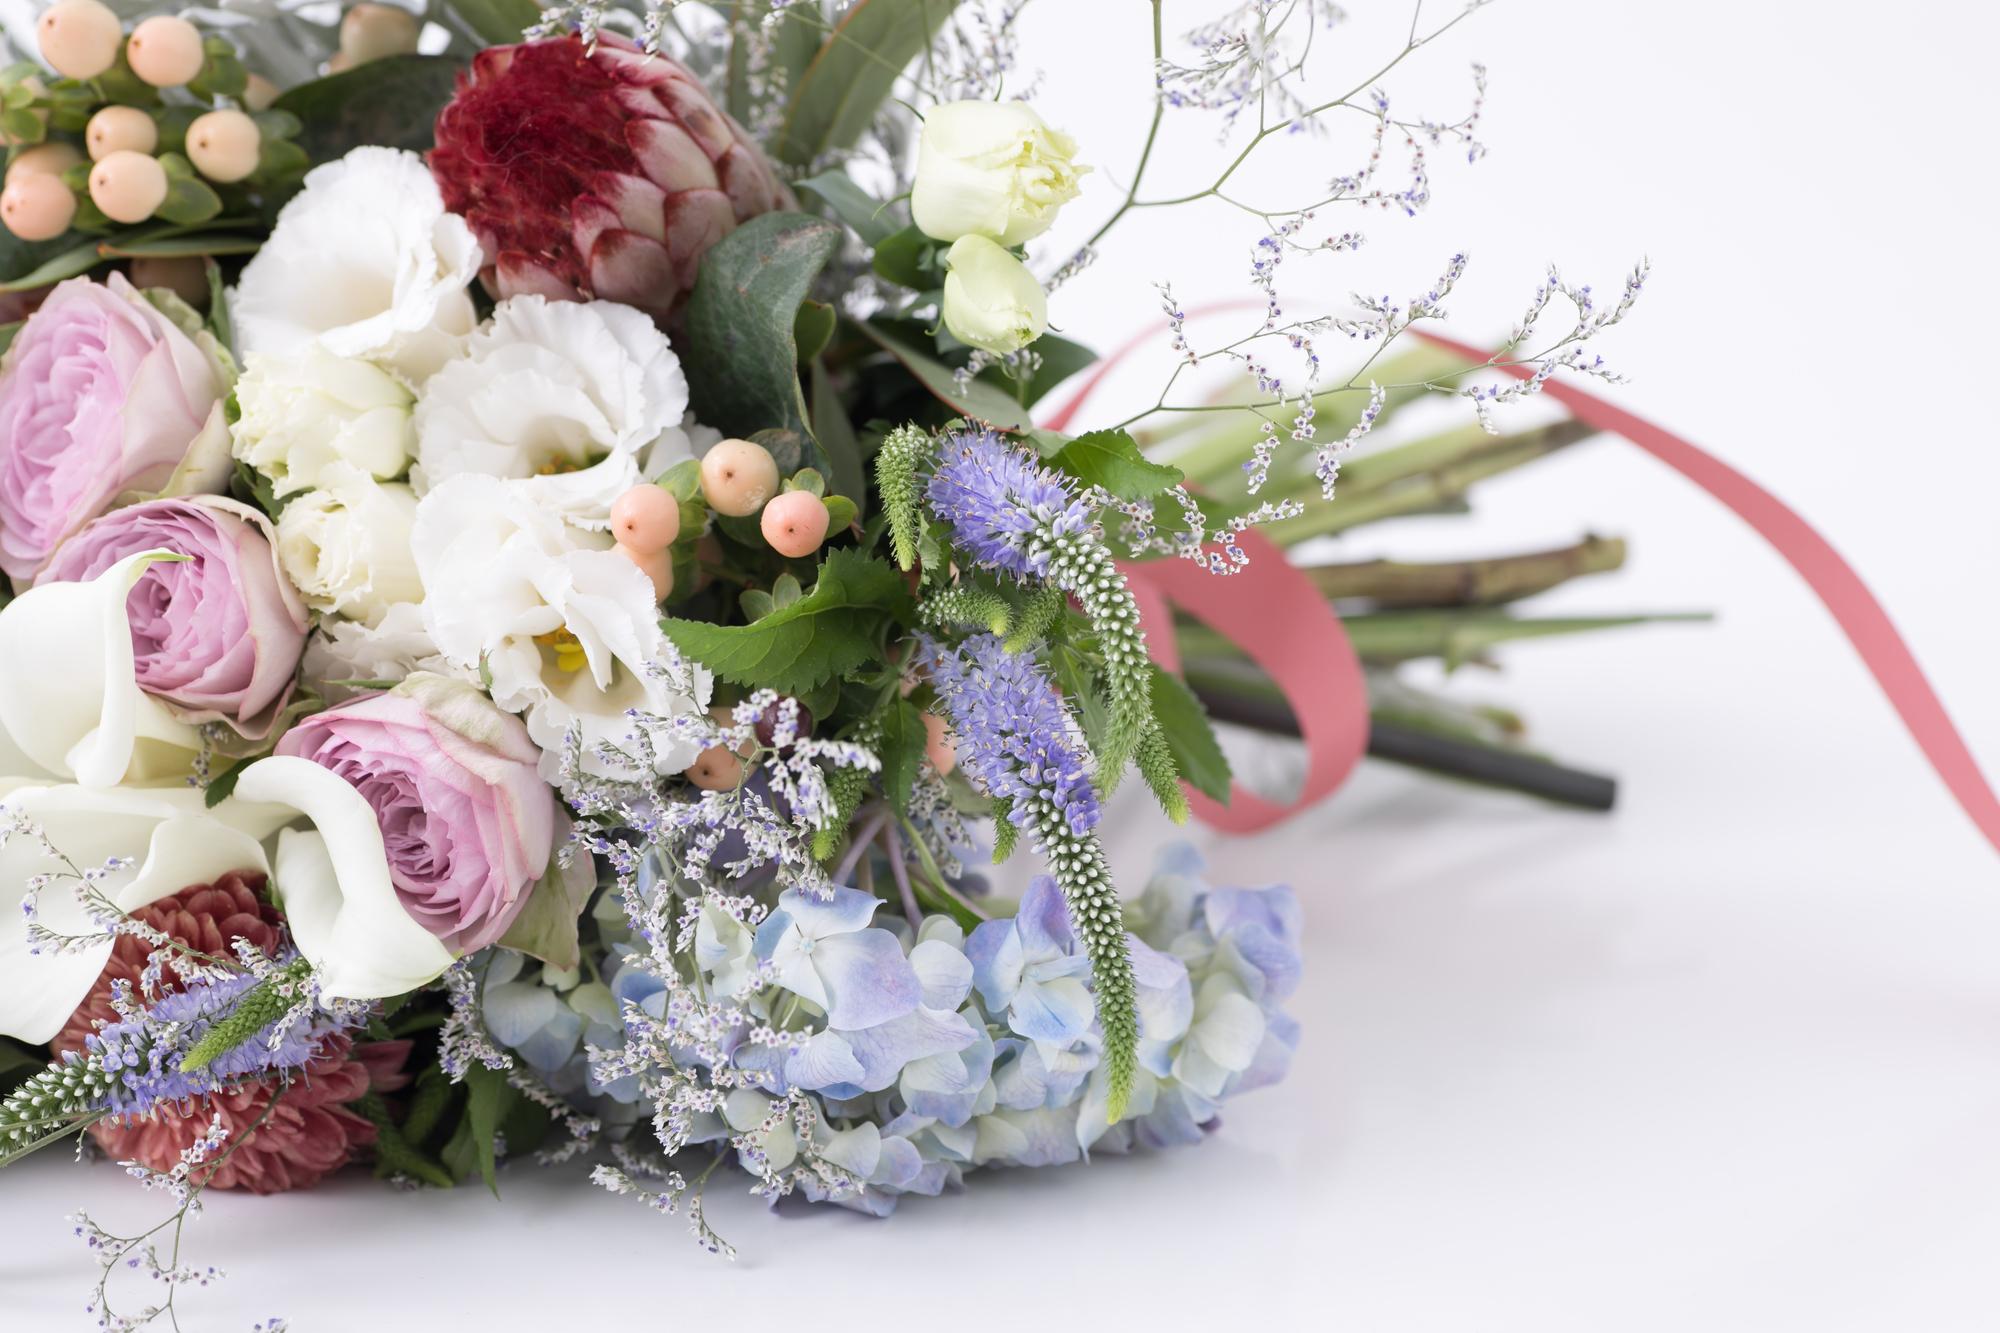 結婚式1.5次会パーティー@Mace千駄ヶ谷|TIME SHARING|タイムシェアリング|スペースマネジメント|あどばる|adval|SHARING